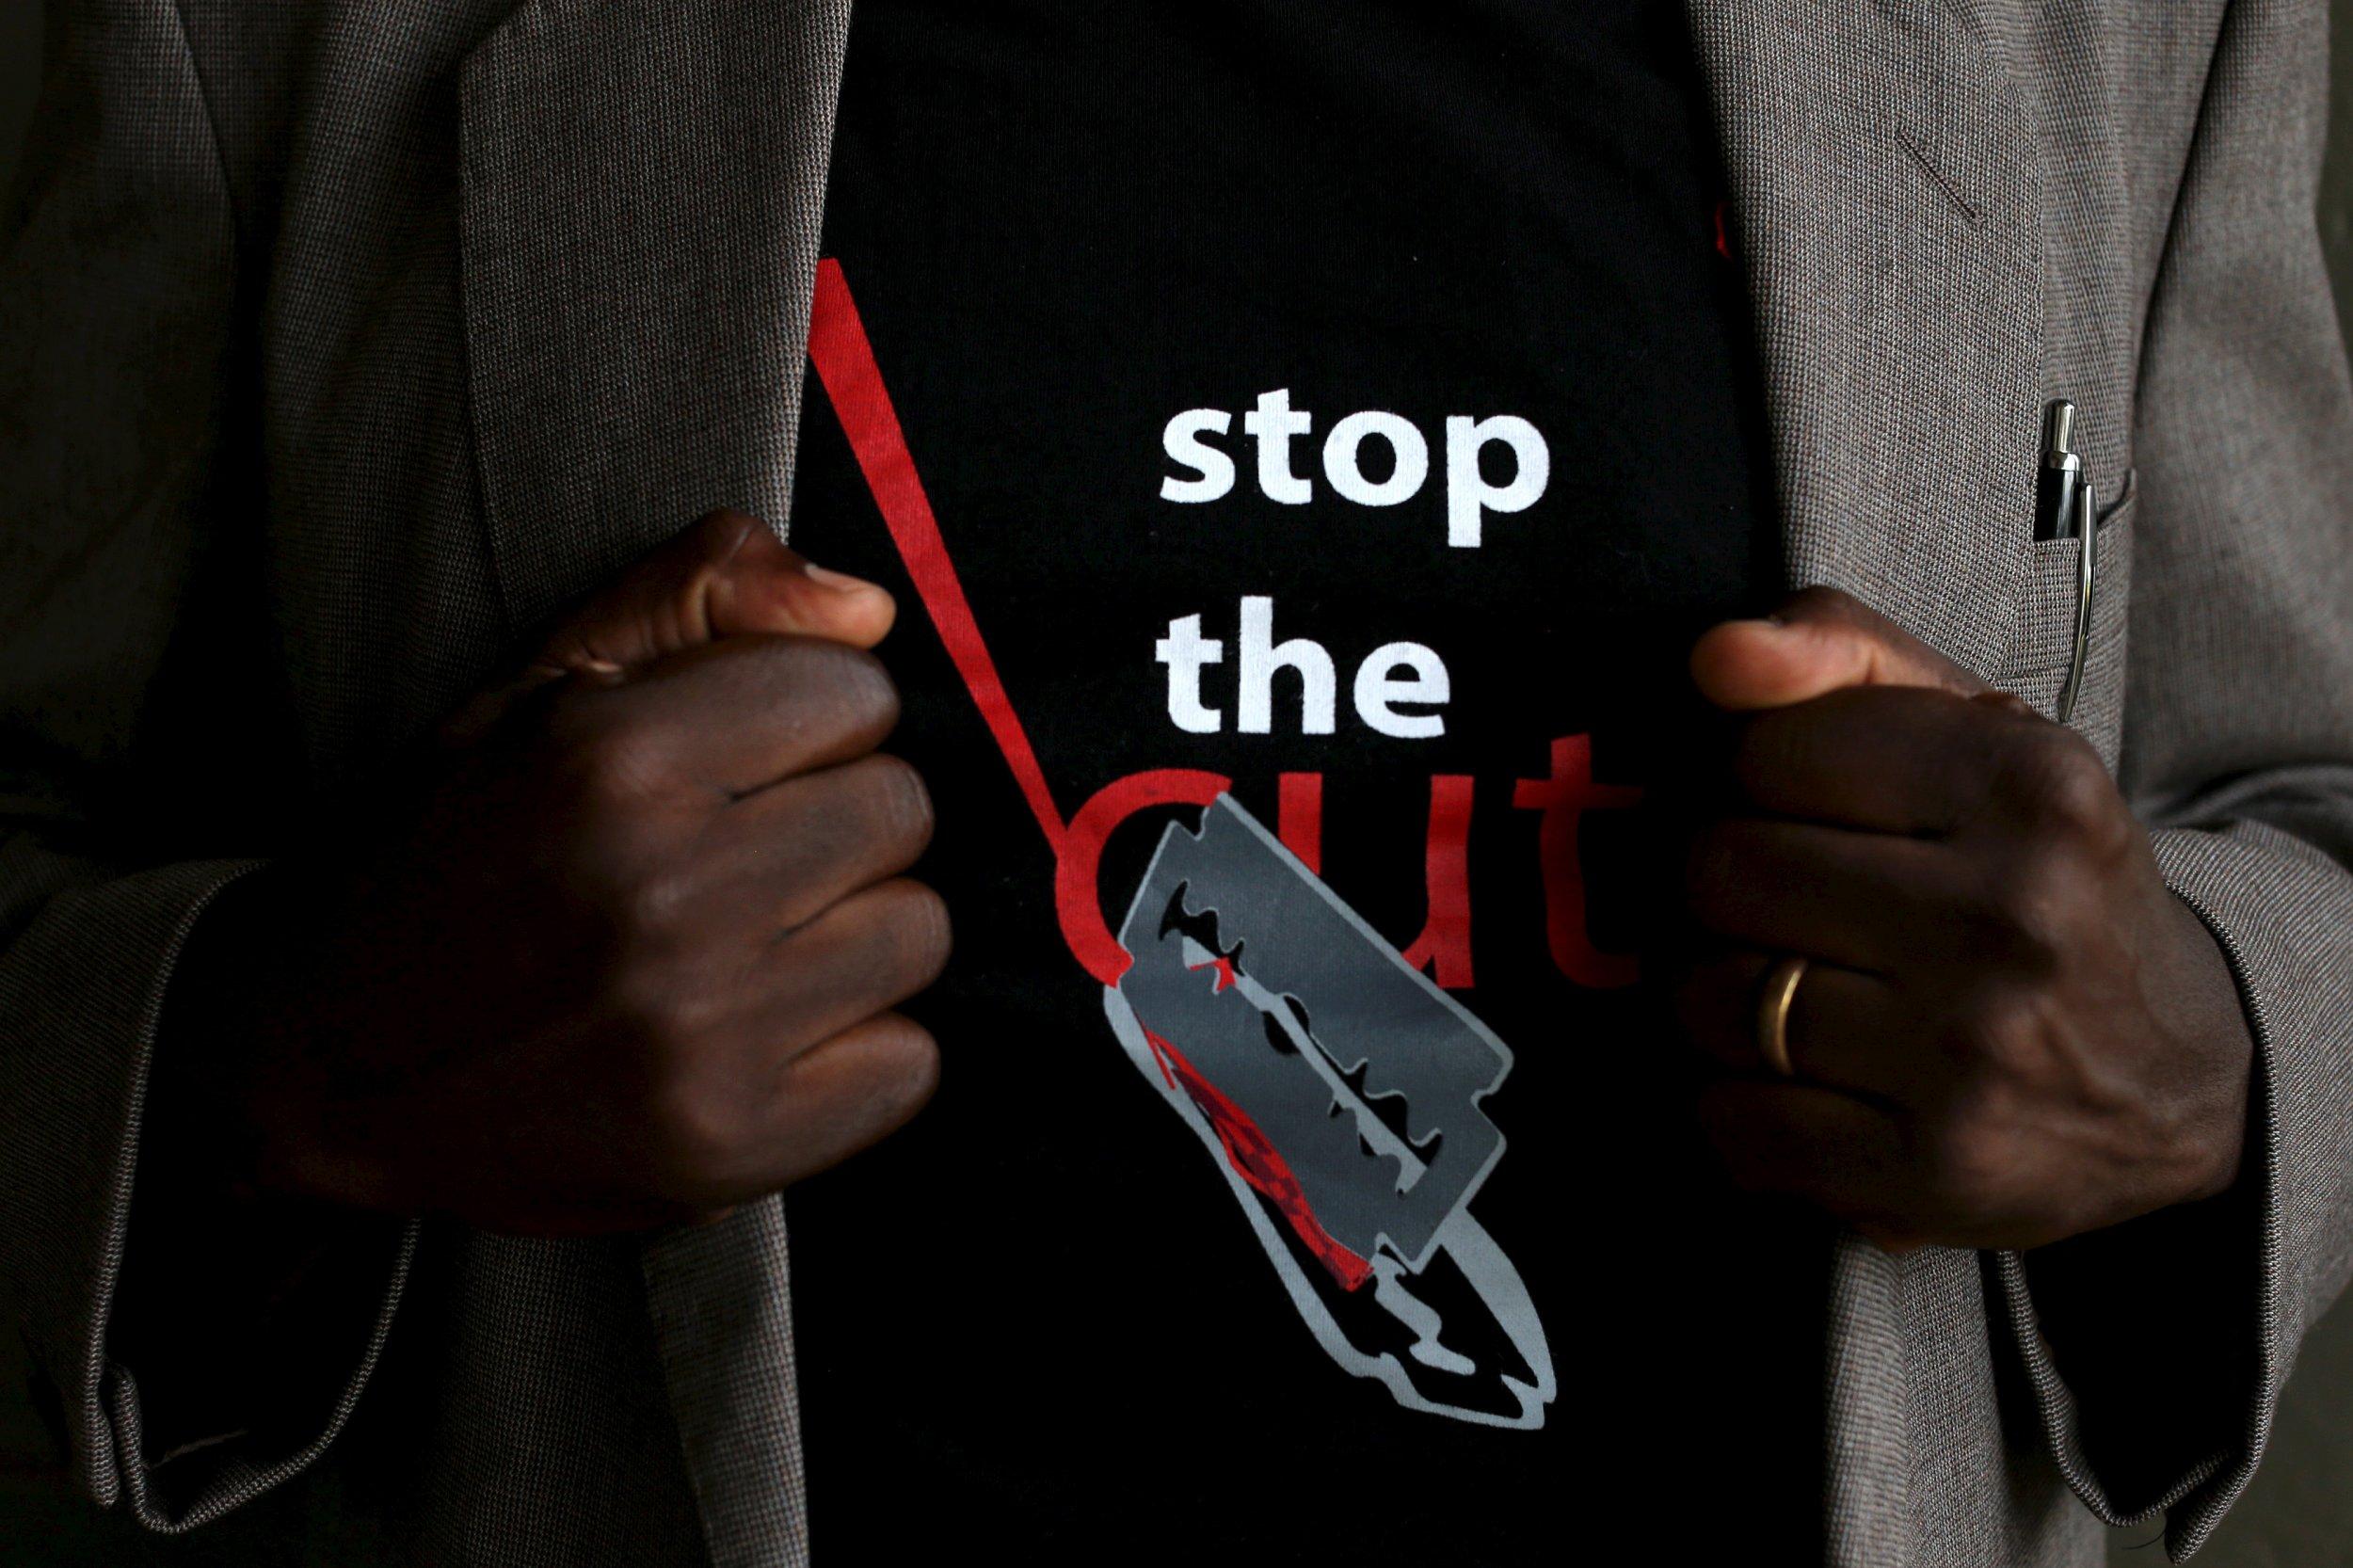 Anti-FGM campaigner